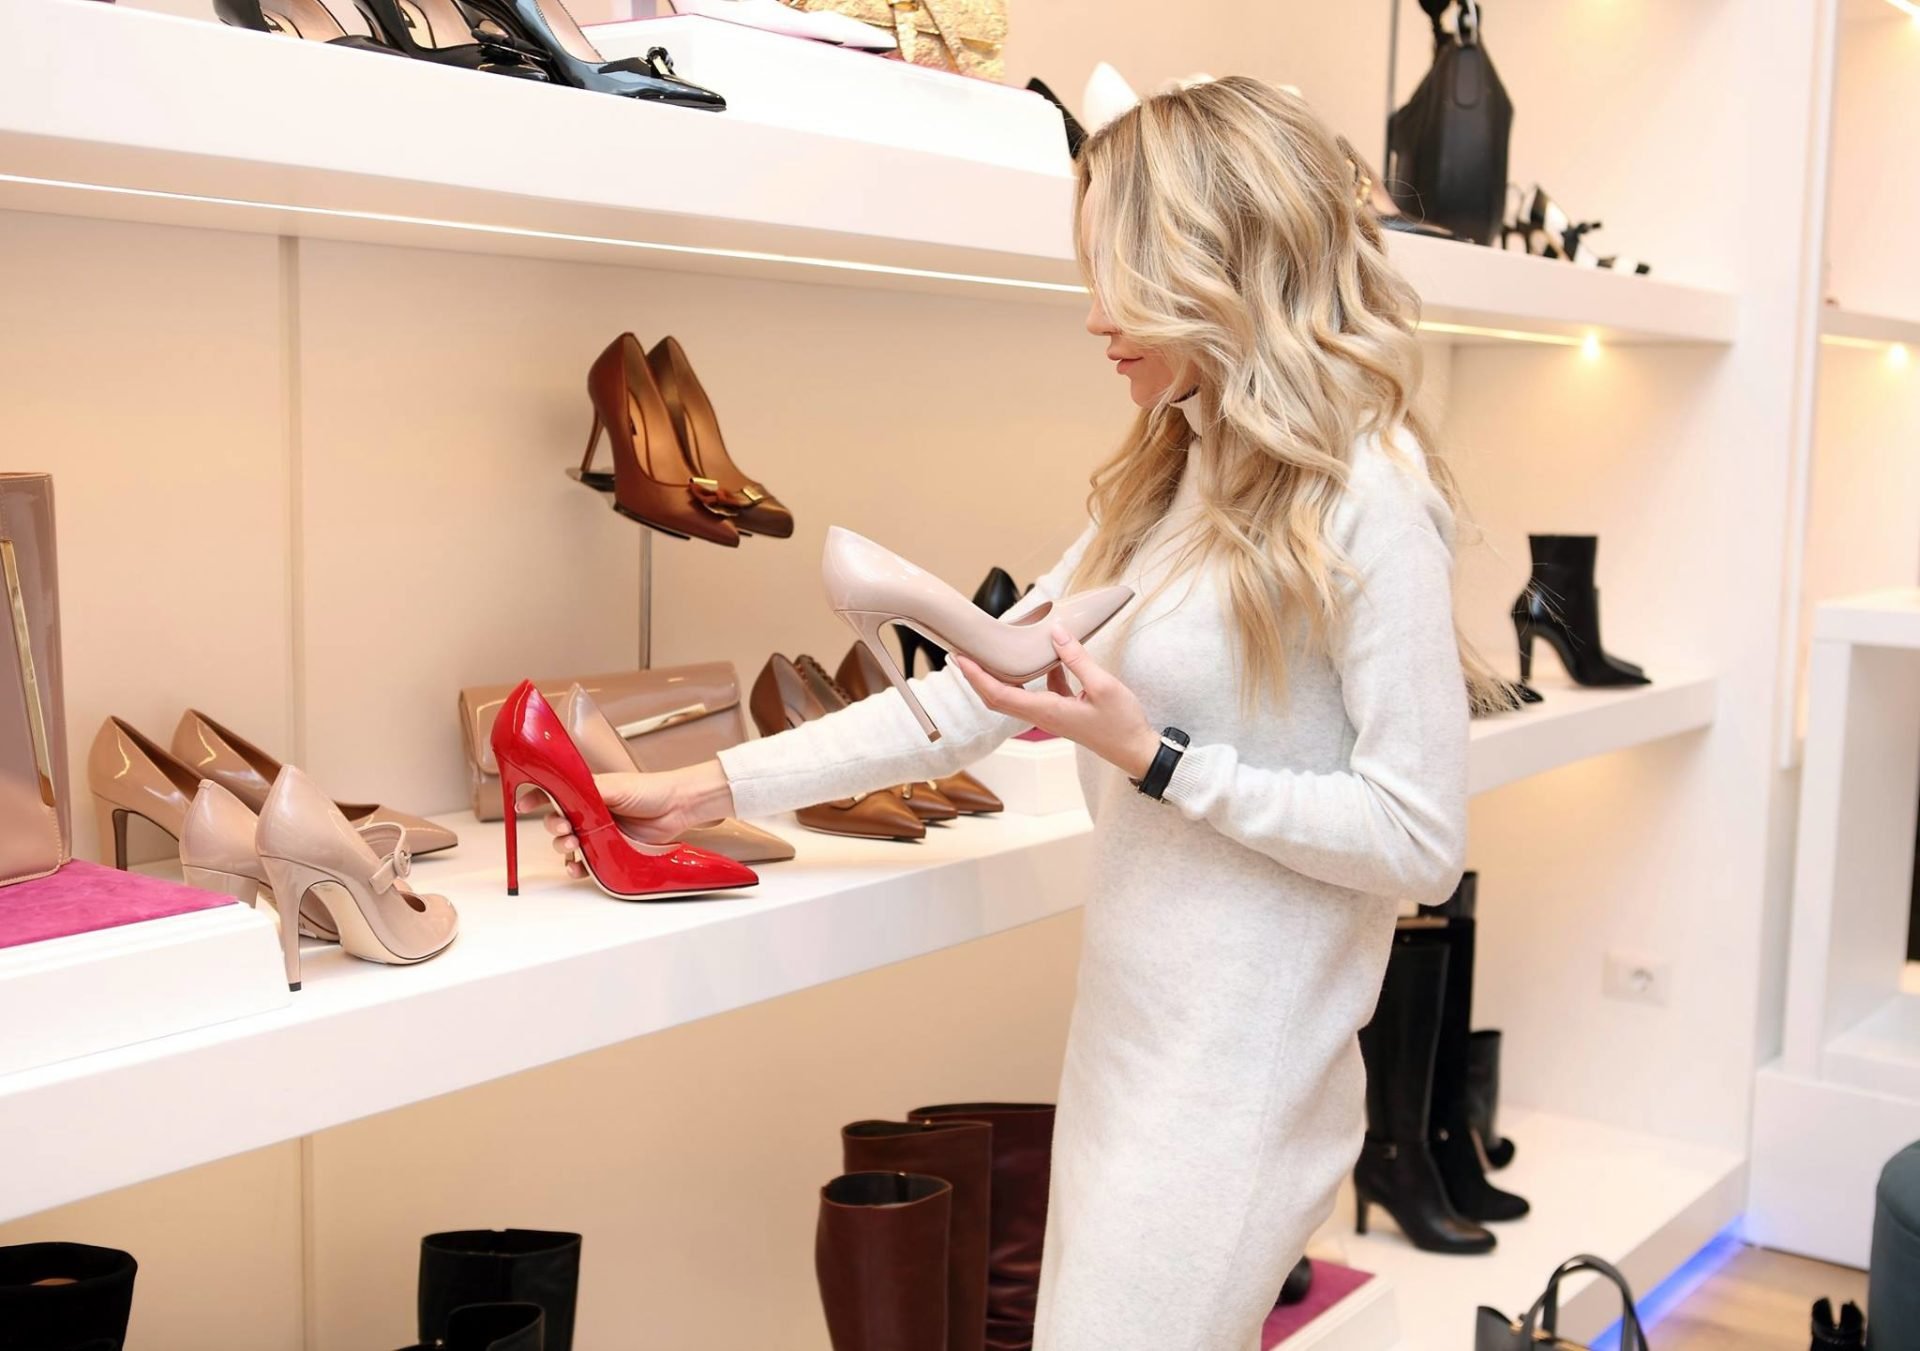 Najskuplje cipele na svetu inspirisane su ljubavnom pričom, a od njihove cene će vam se zavrteti u glavi